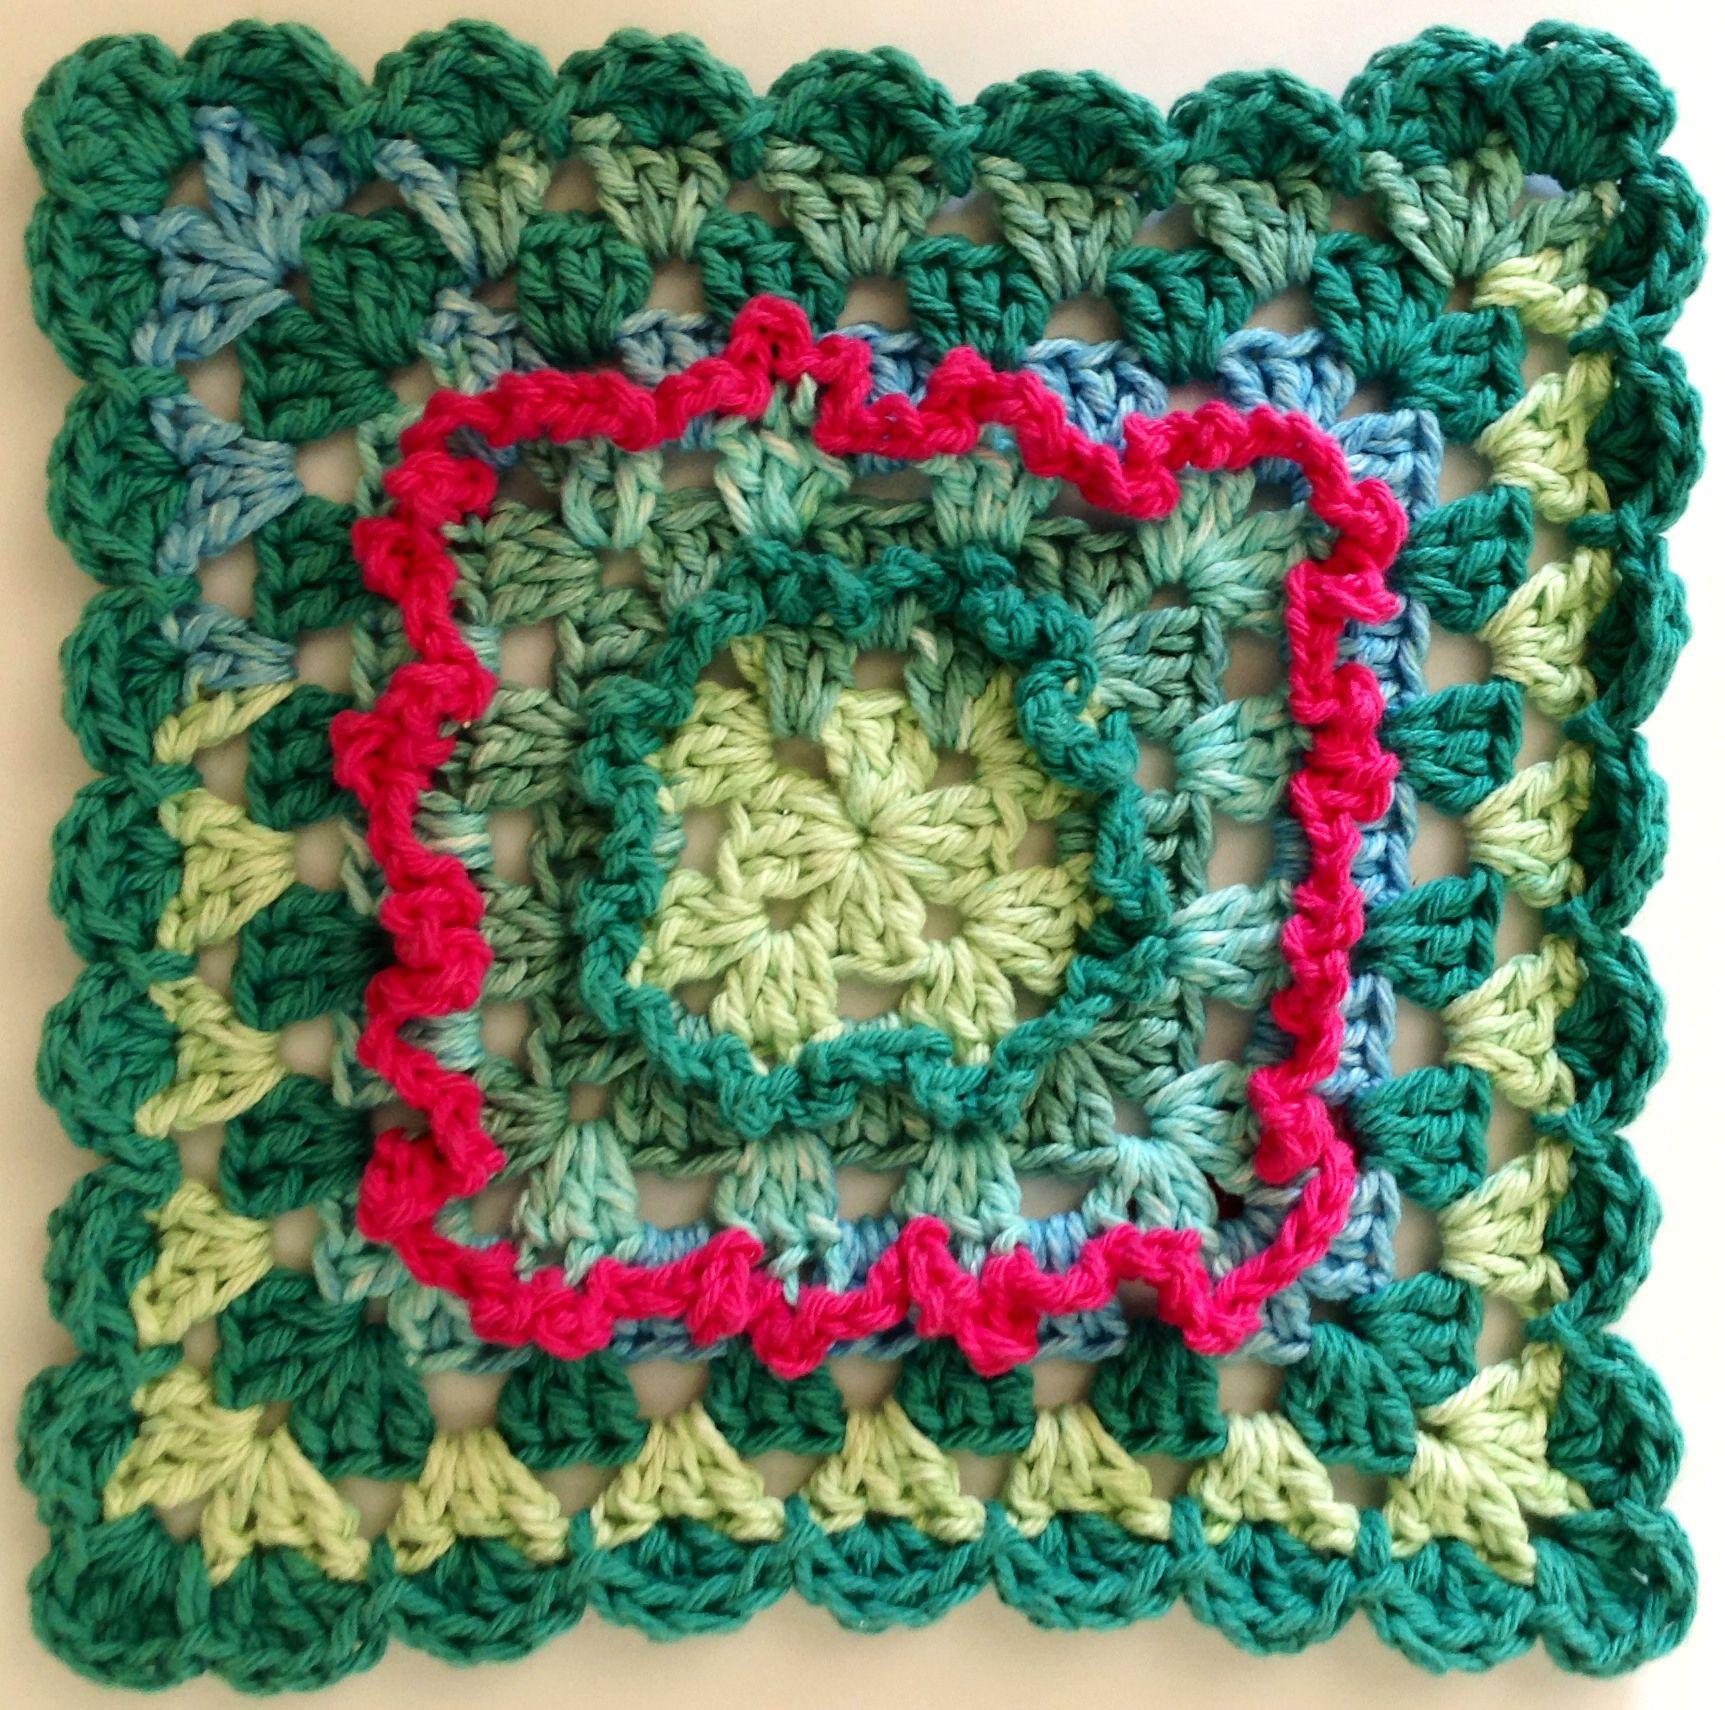 Free crochet pattern ruffle stitch single learn how to with free crochet pattern ruffle stitch single learn how to with maggie weldon maggies crochet bankloansurffo Choice Image